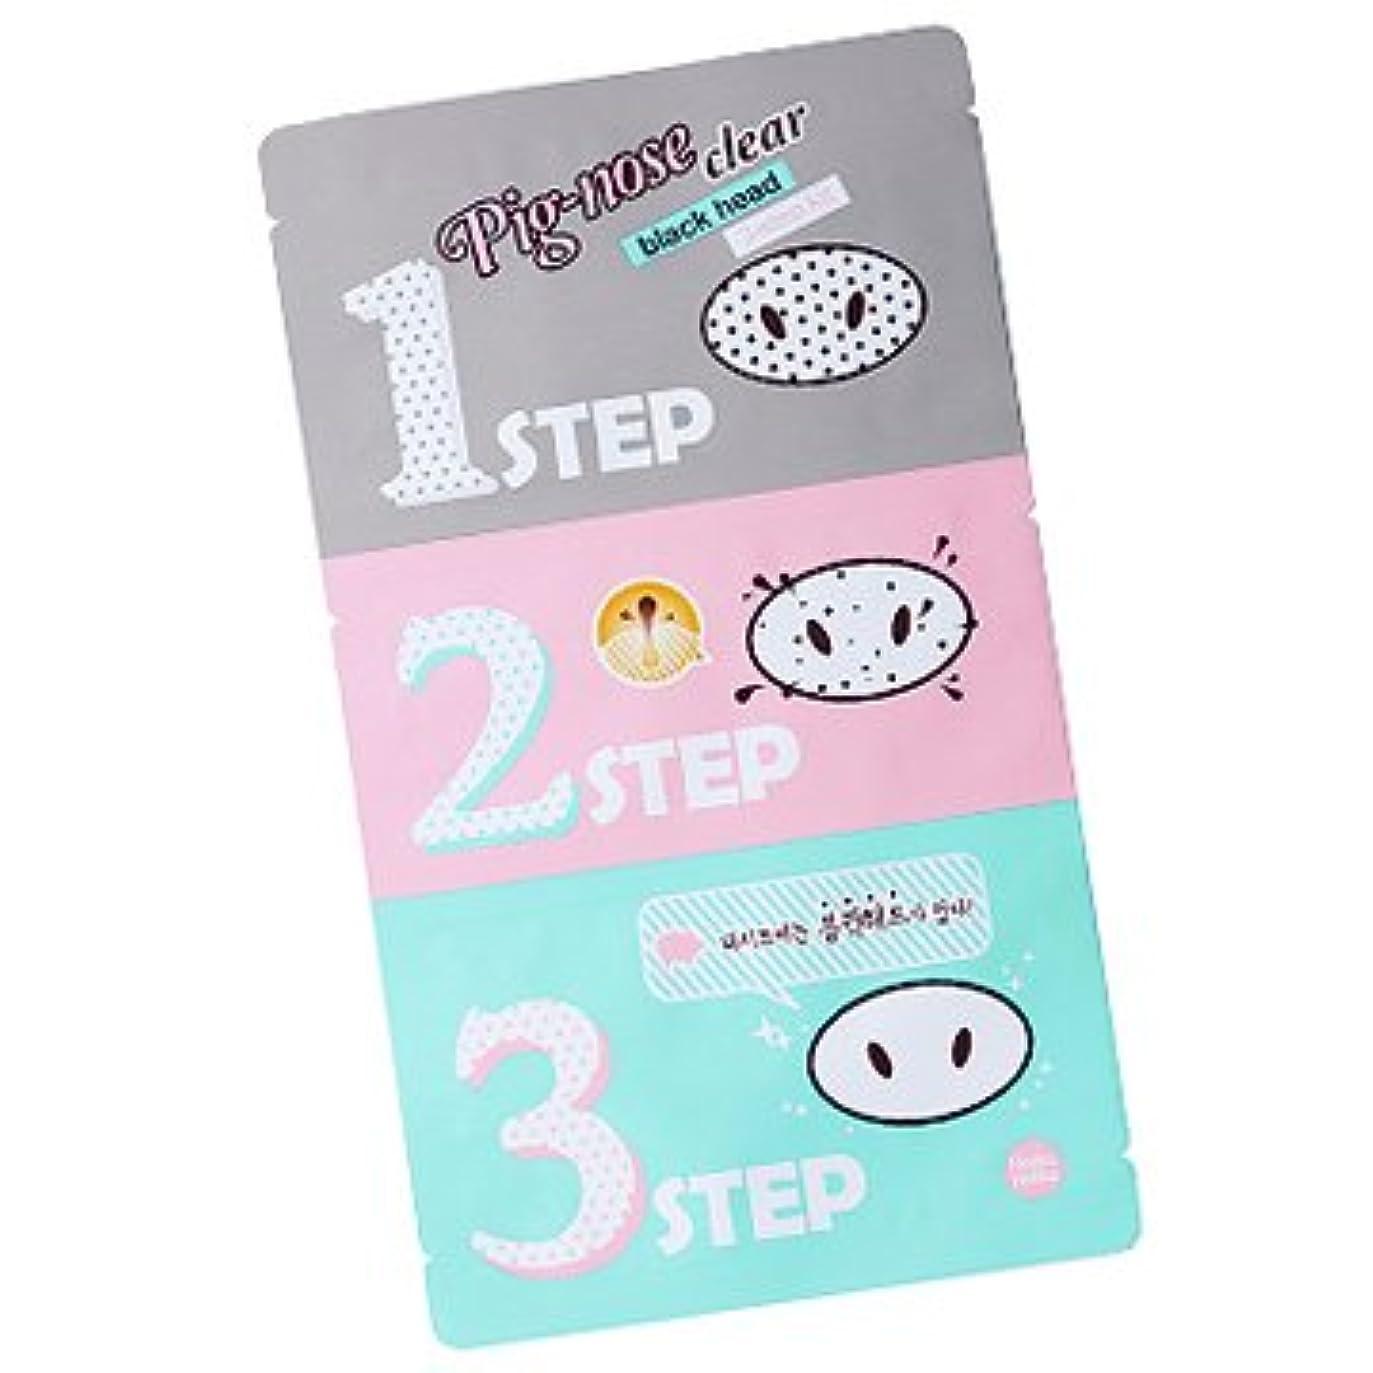 マルクス主義者祝福する検査Holika Holika Pig Nose Clear Black Head 3-Step Kit 5EA (Nose Pack) ホリカホリカ ピグノーズクリアブラックヘッド3-Stepキット(鼻パック) 5pcs...